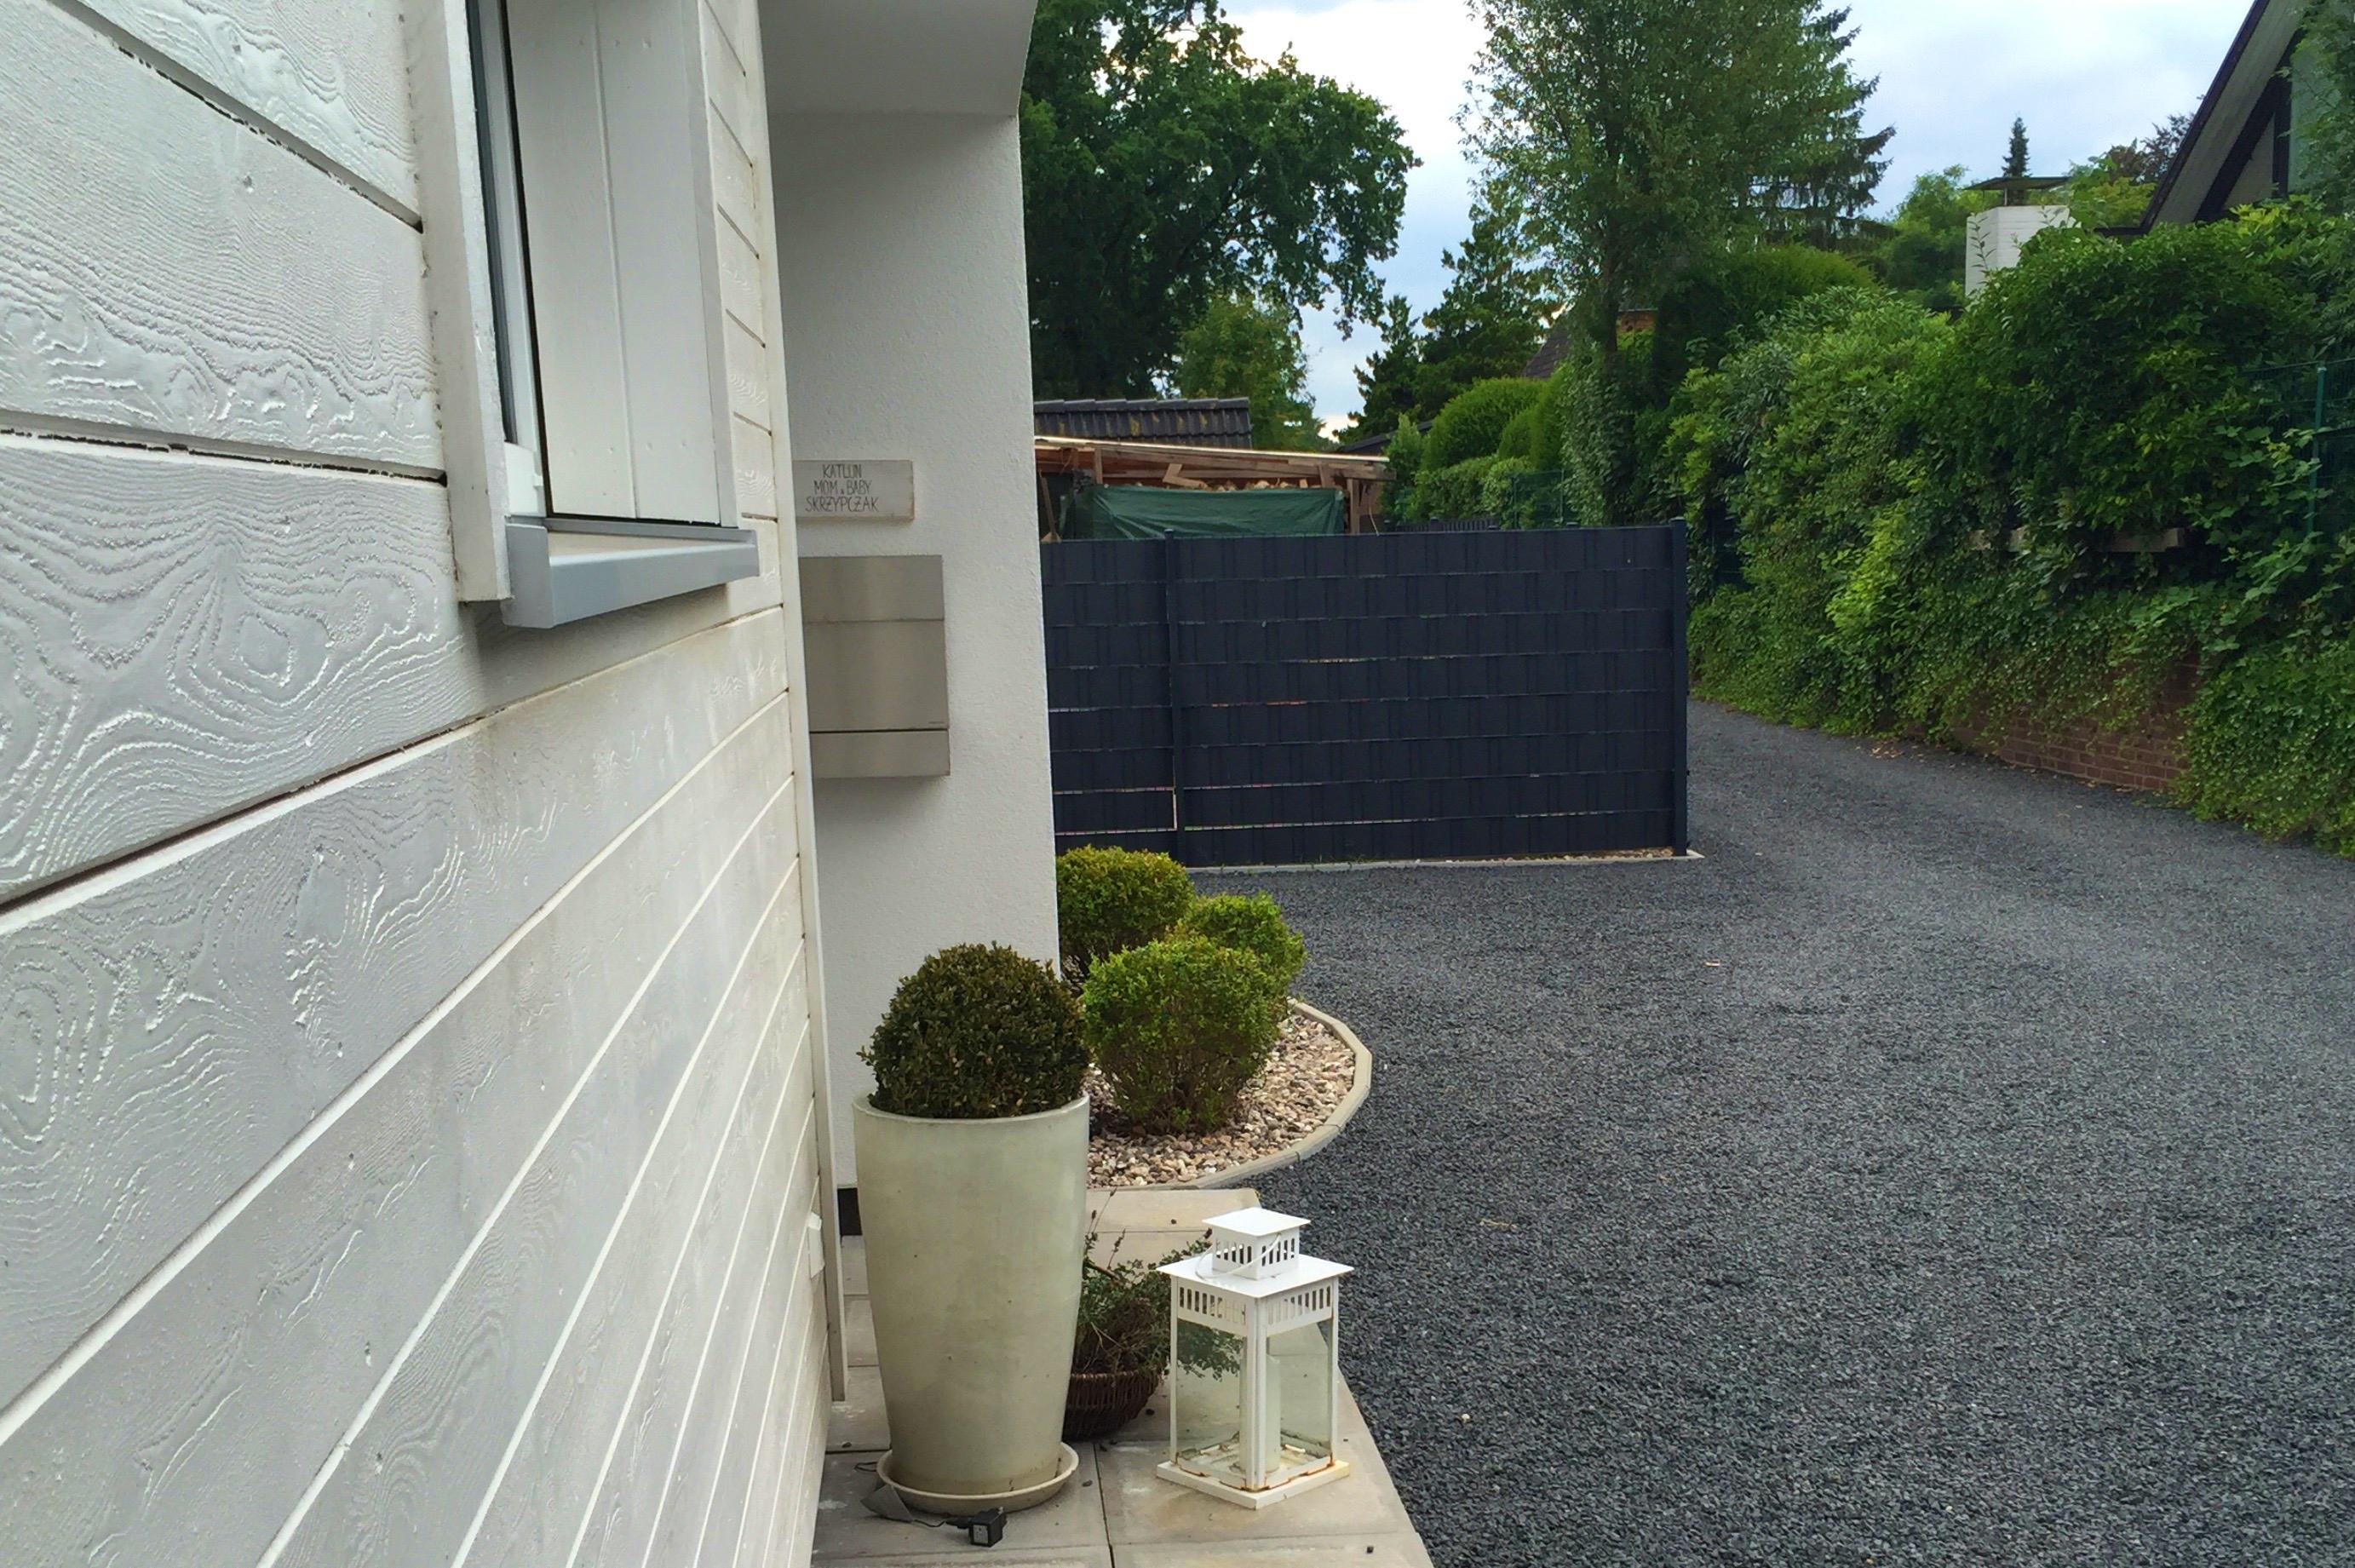 Auffahrt (Holz-Eingangspodest in Vorbereitung)